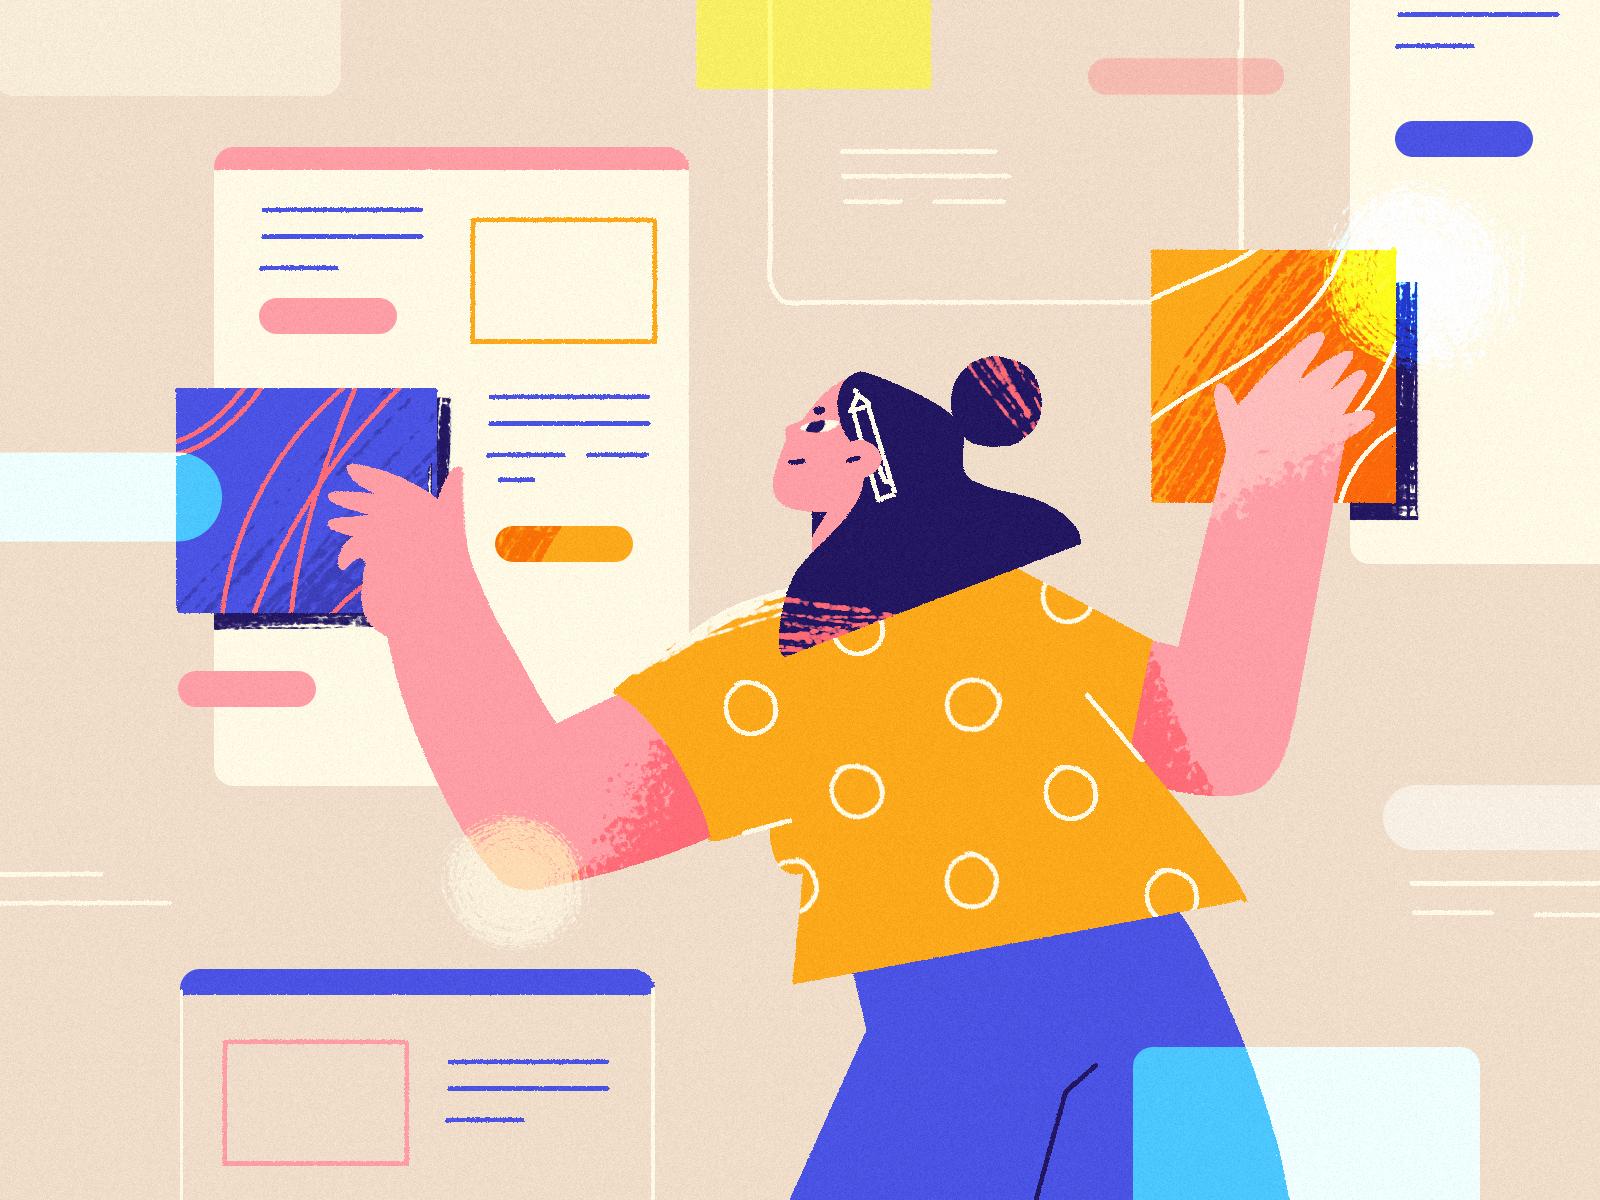 Illustration in Web Design by Julia Hanke